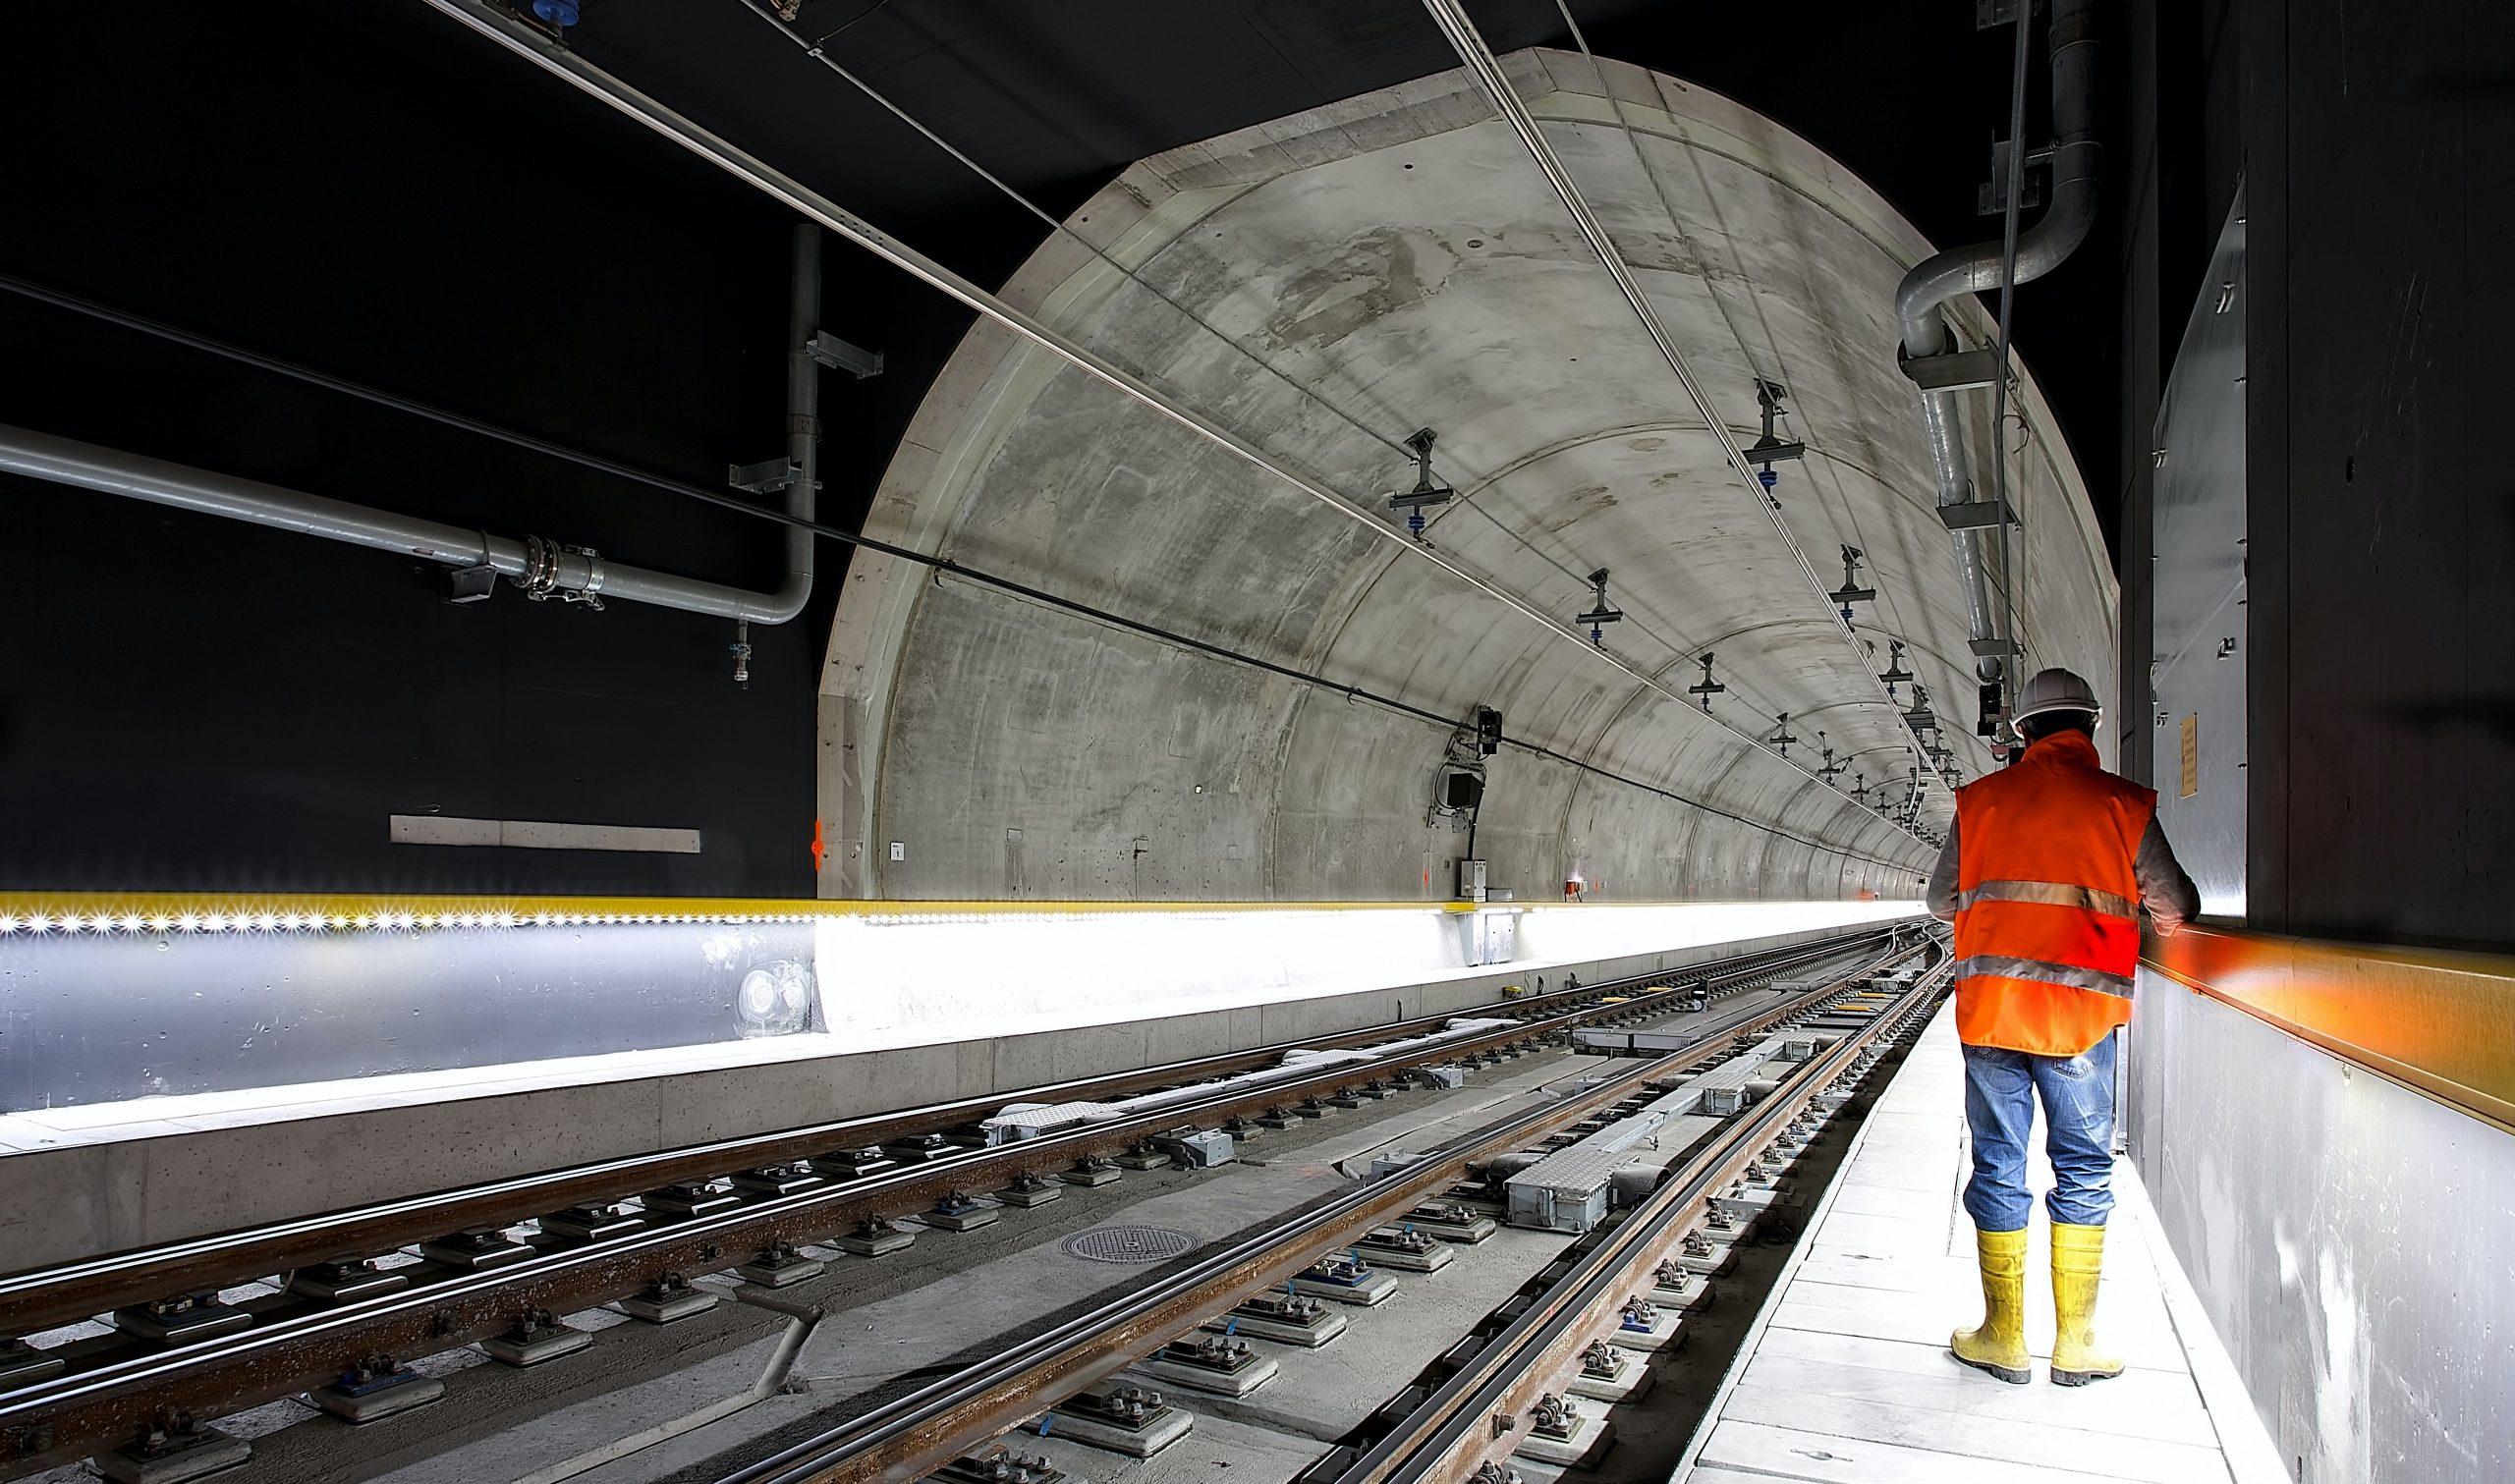 Image du domaine de l'Ingénierie. Eu Coordination agence de traduction de documents pour l'Ingénierie.